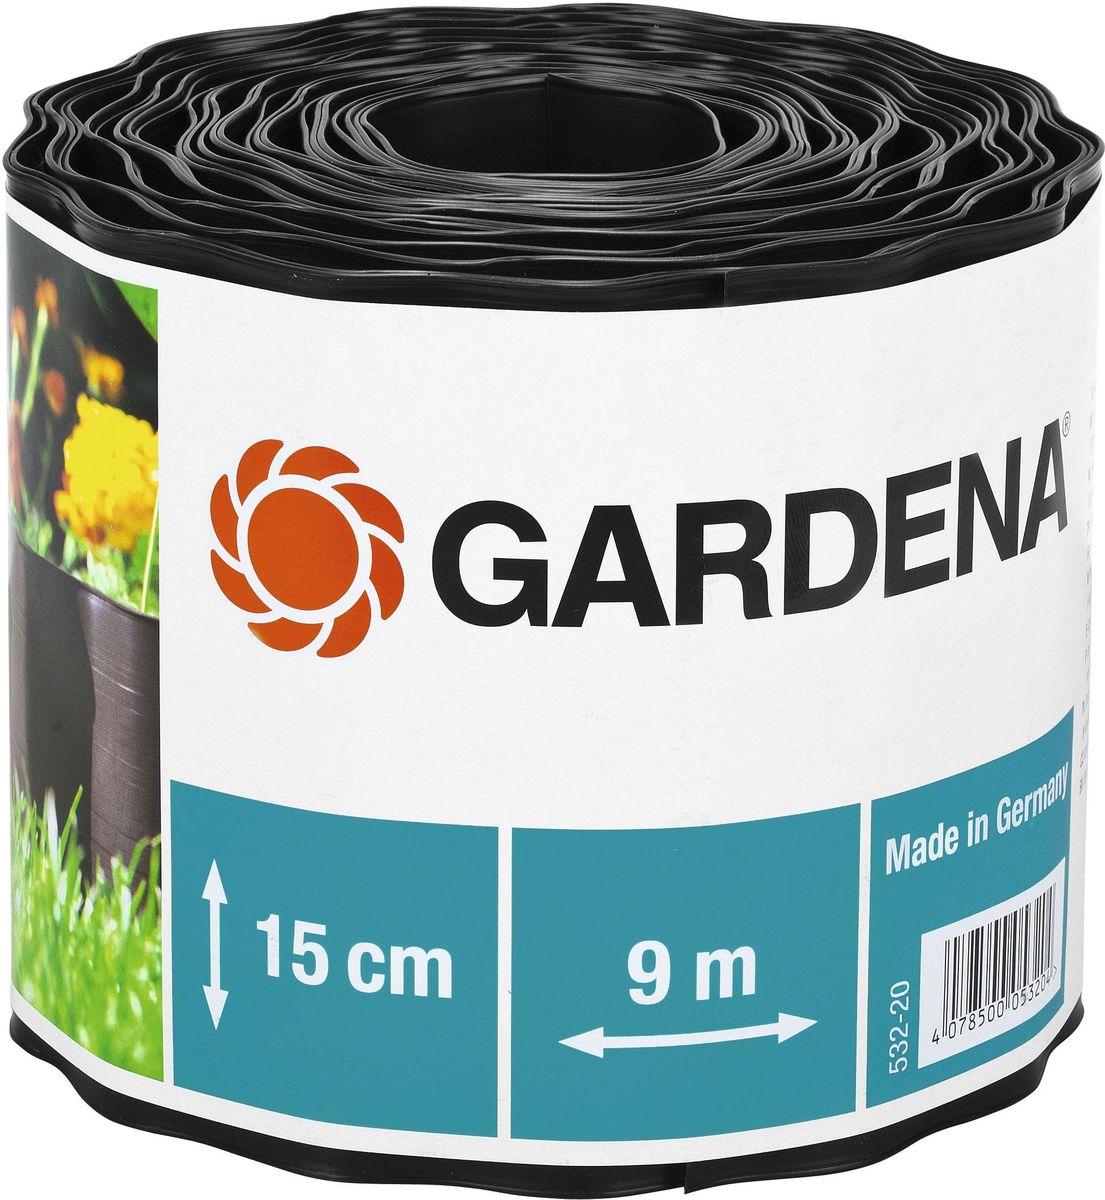 Бордюр Gardena, цвет: черный, ширина 15 см, длина 9 м00532-20.000.00Бордюр GARDENA, выполненный из высококачественного пластика, обеспечивает чистоту краев цветочных клумб. Четкая граница предотвращает чрезмерный рост растительности и распространение корней. В рулоне 9 м бордюра высотой 9 см, 15 см или 20 см.